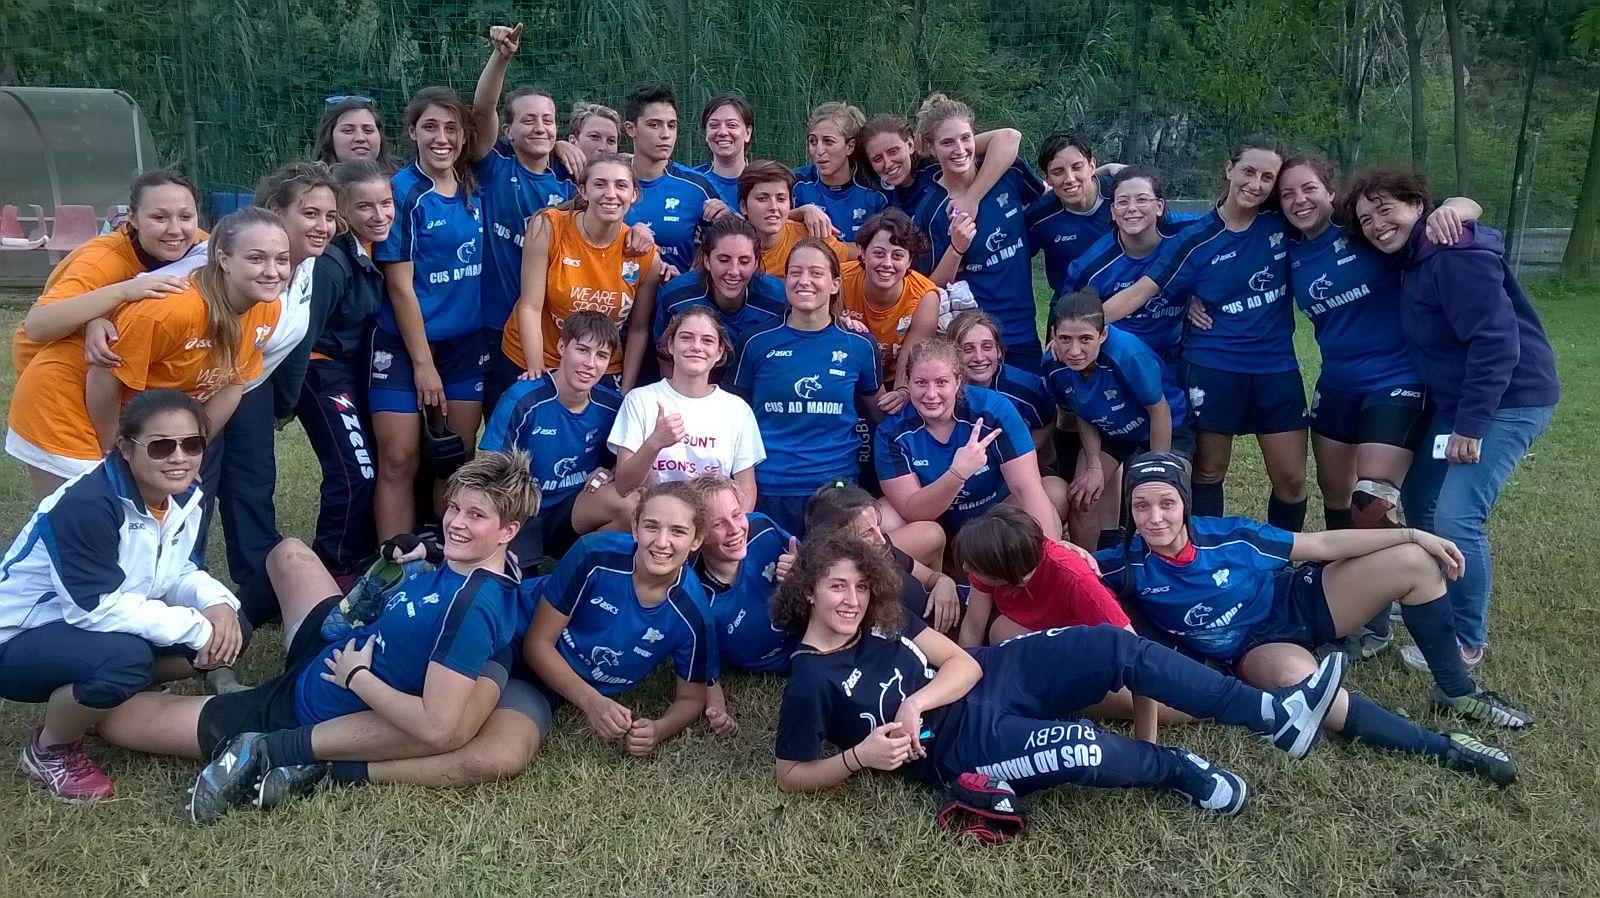 Serie A: Cus Ad Maiora - Cus Ferrara Rugby